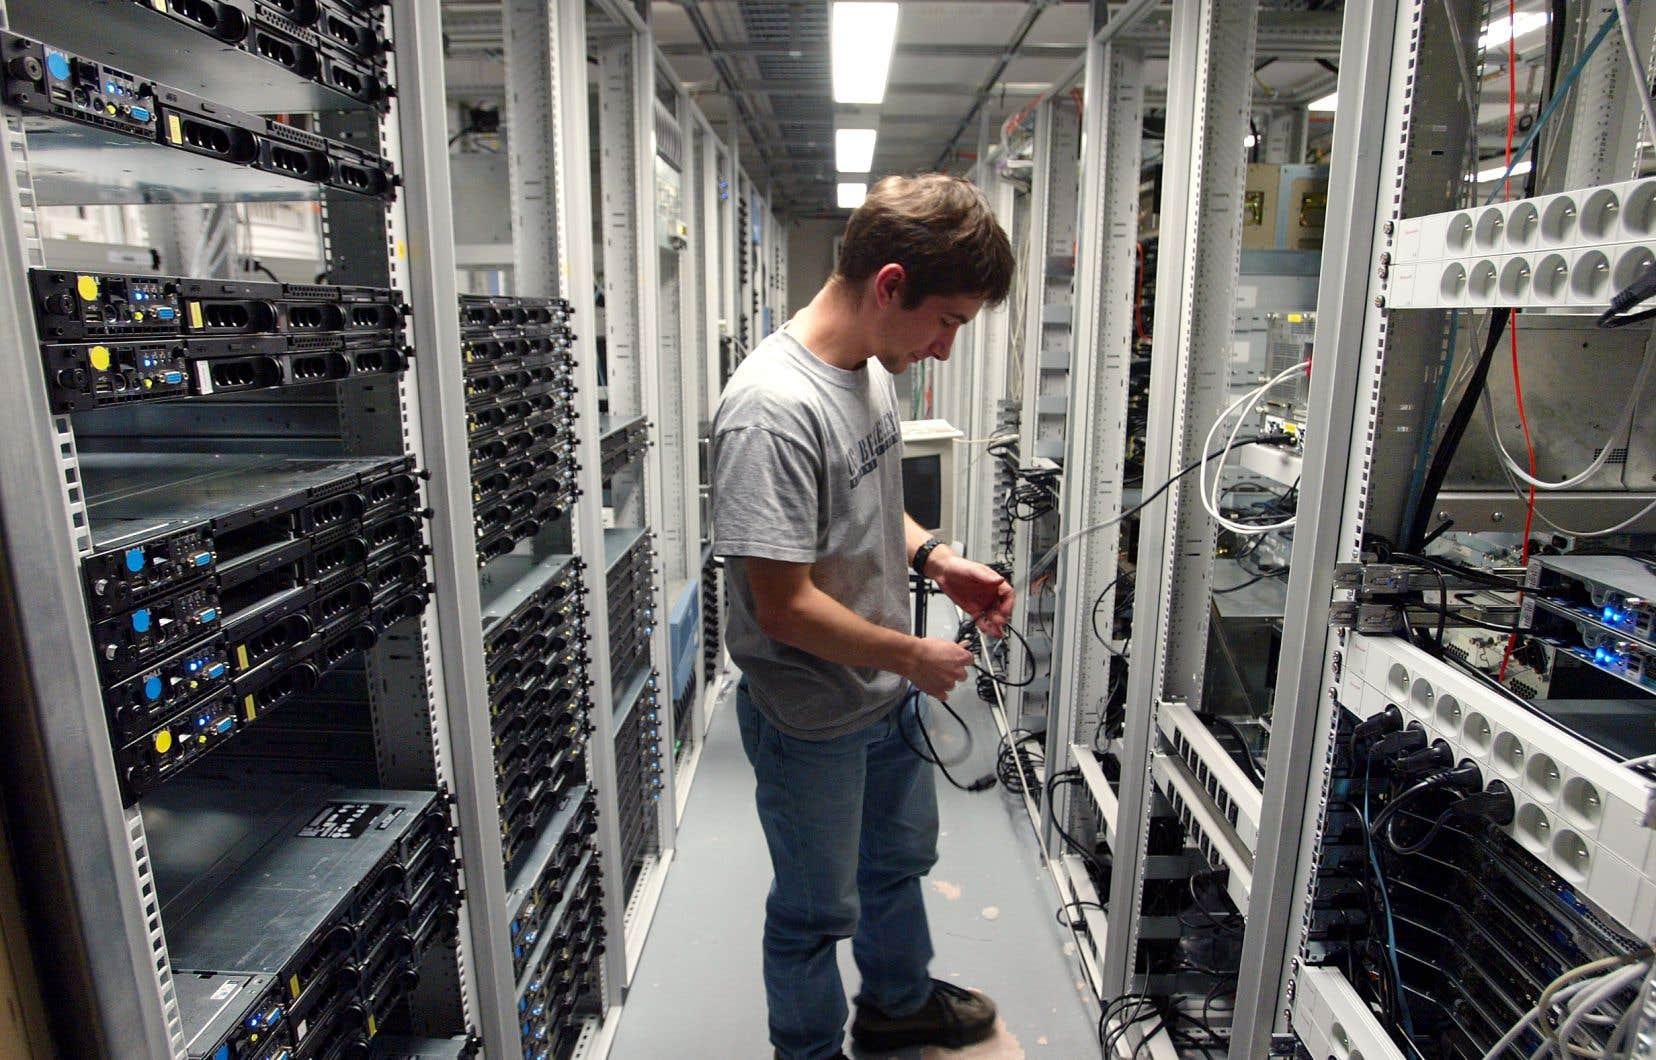 Le gouvernement Legault prévoit stocker 80% des informations de ses 457 centres de données dans des serveurs du secteur privé.